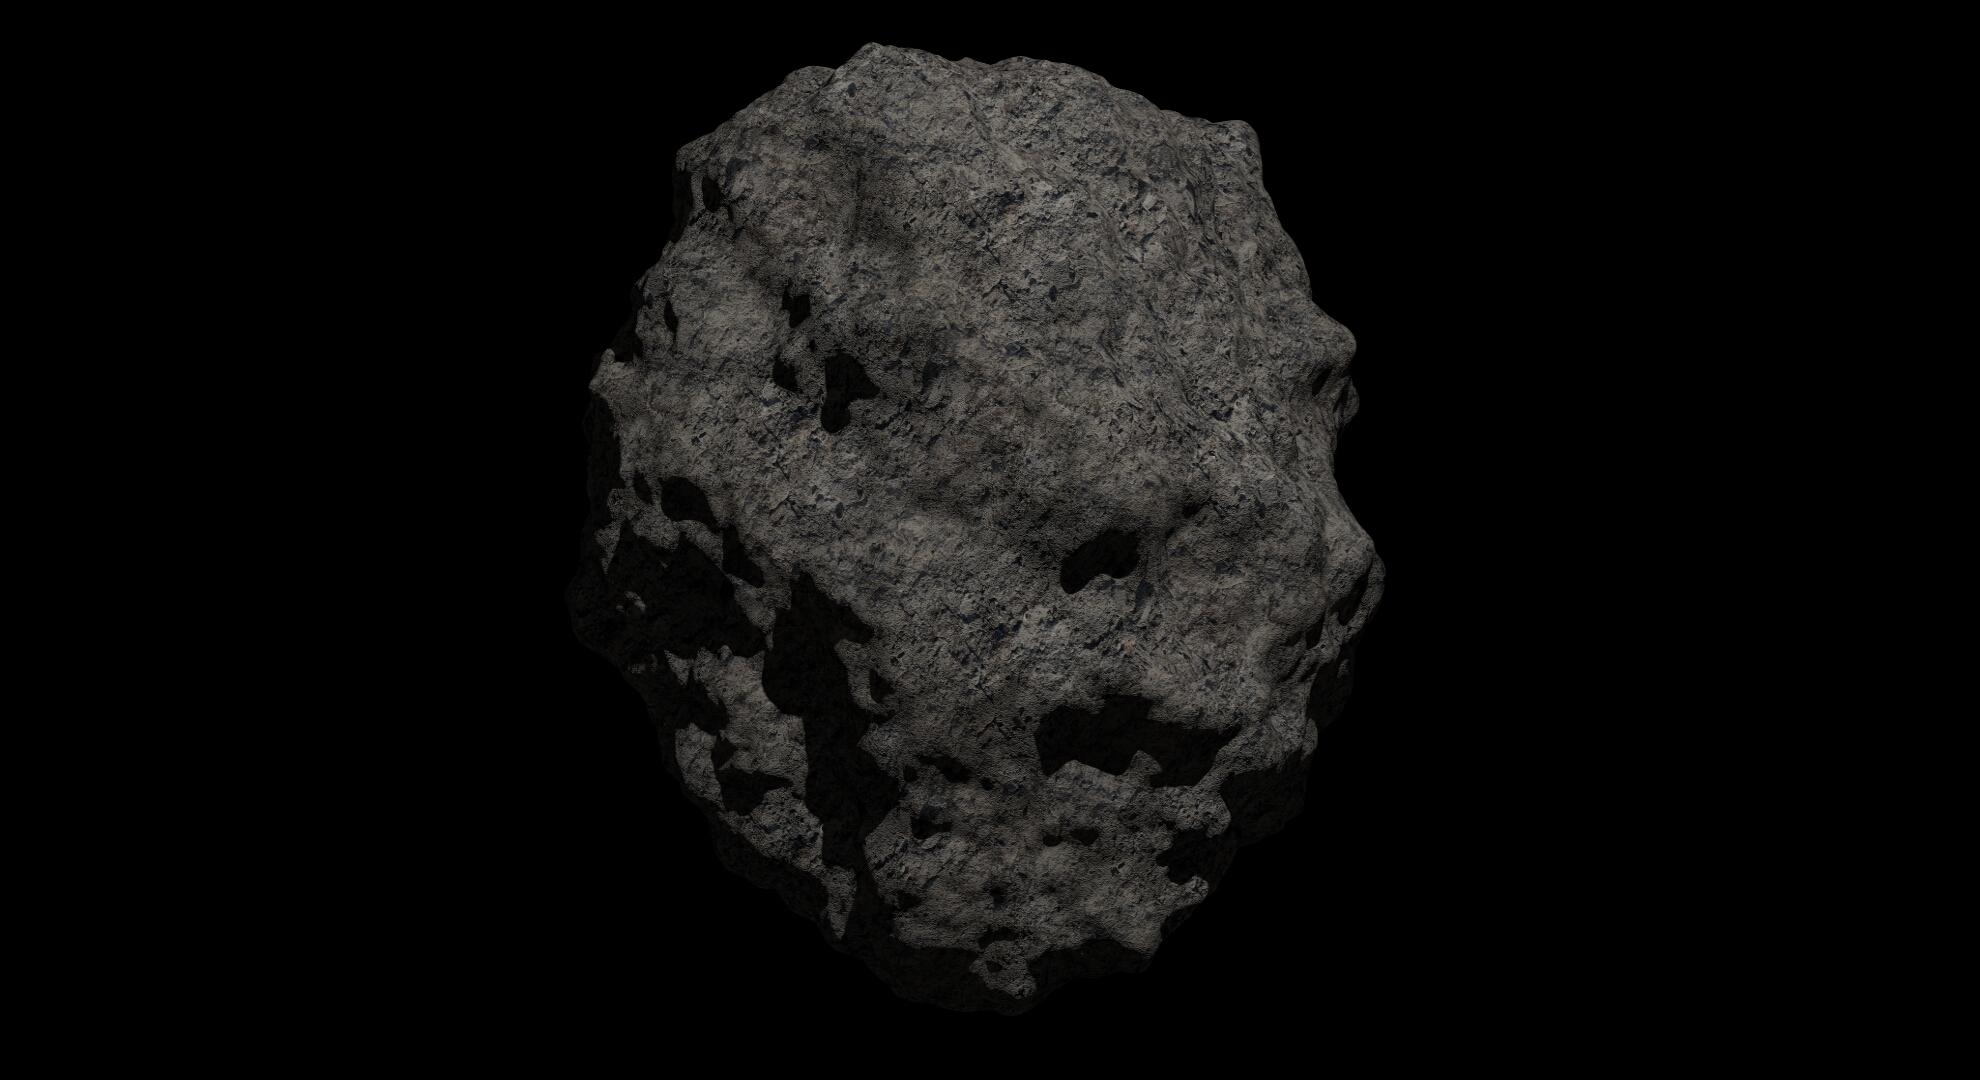 fantaziya asteroid 2 3d modeli 3s qarışığı da fbx obj 267194